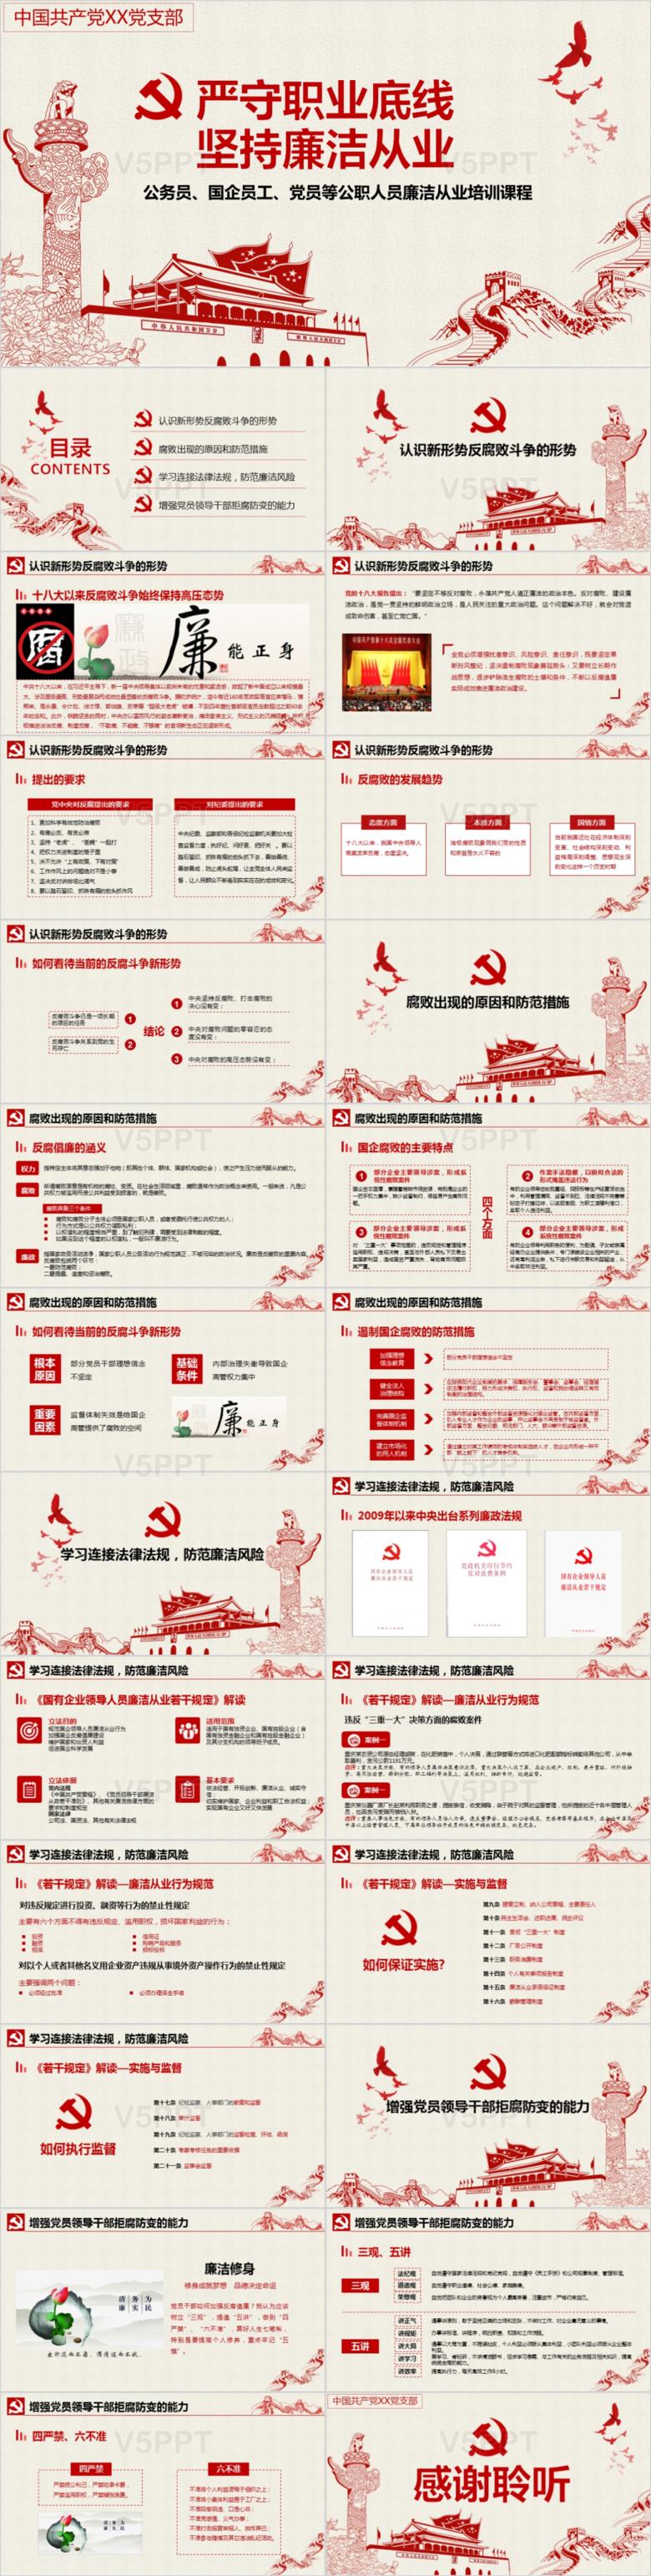 红色简约大气党风廉政建设学习教育党课Keynote模板